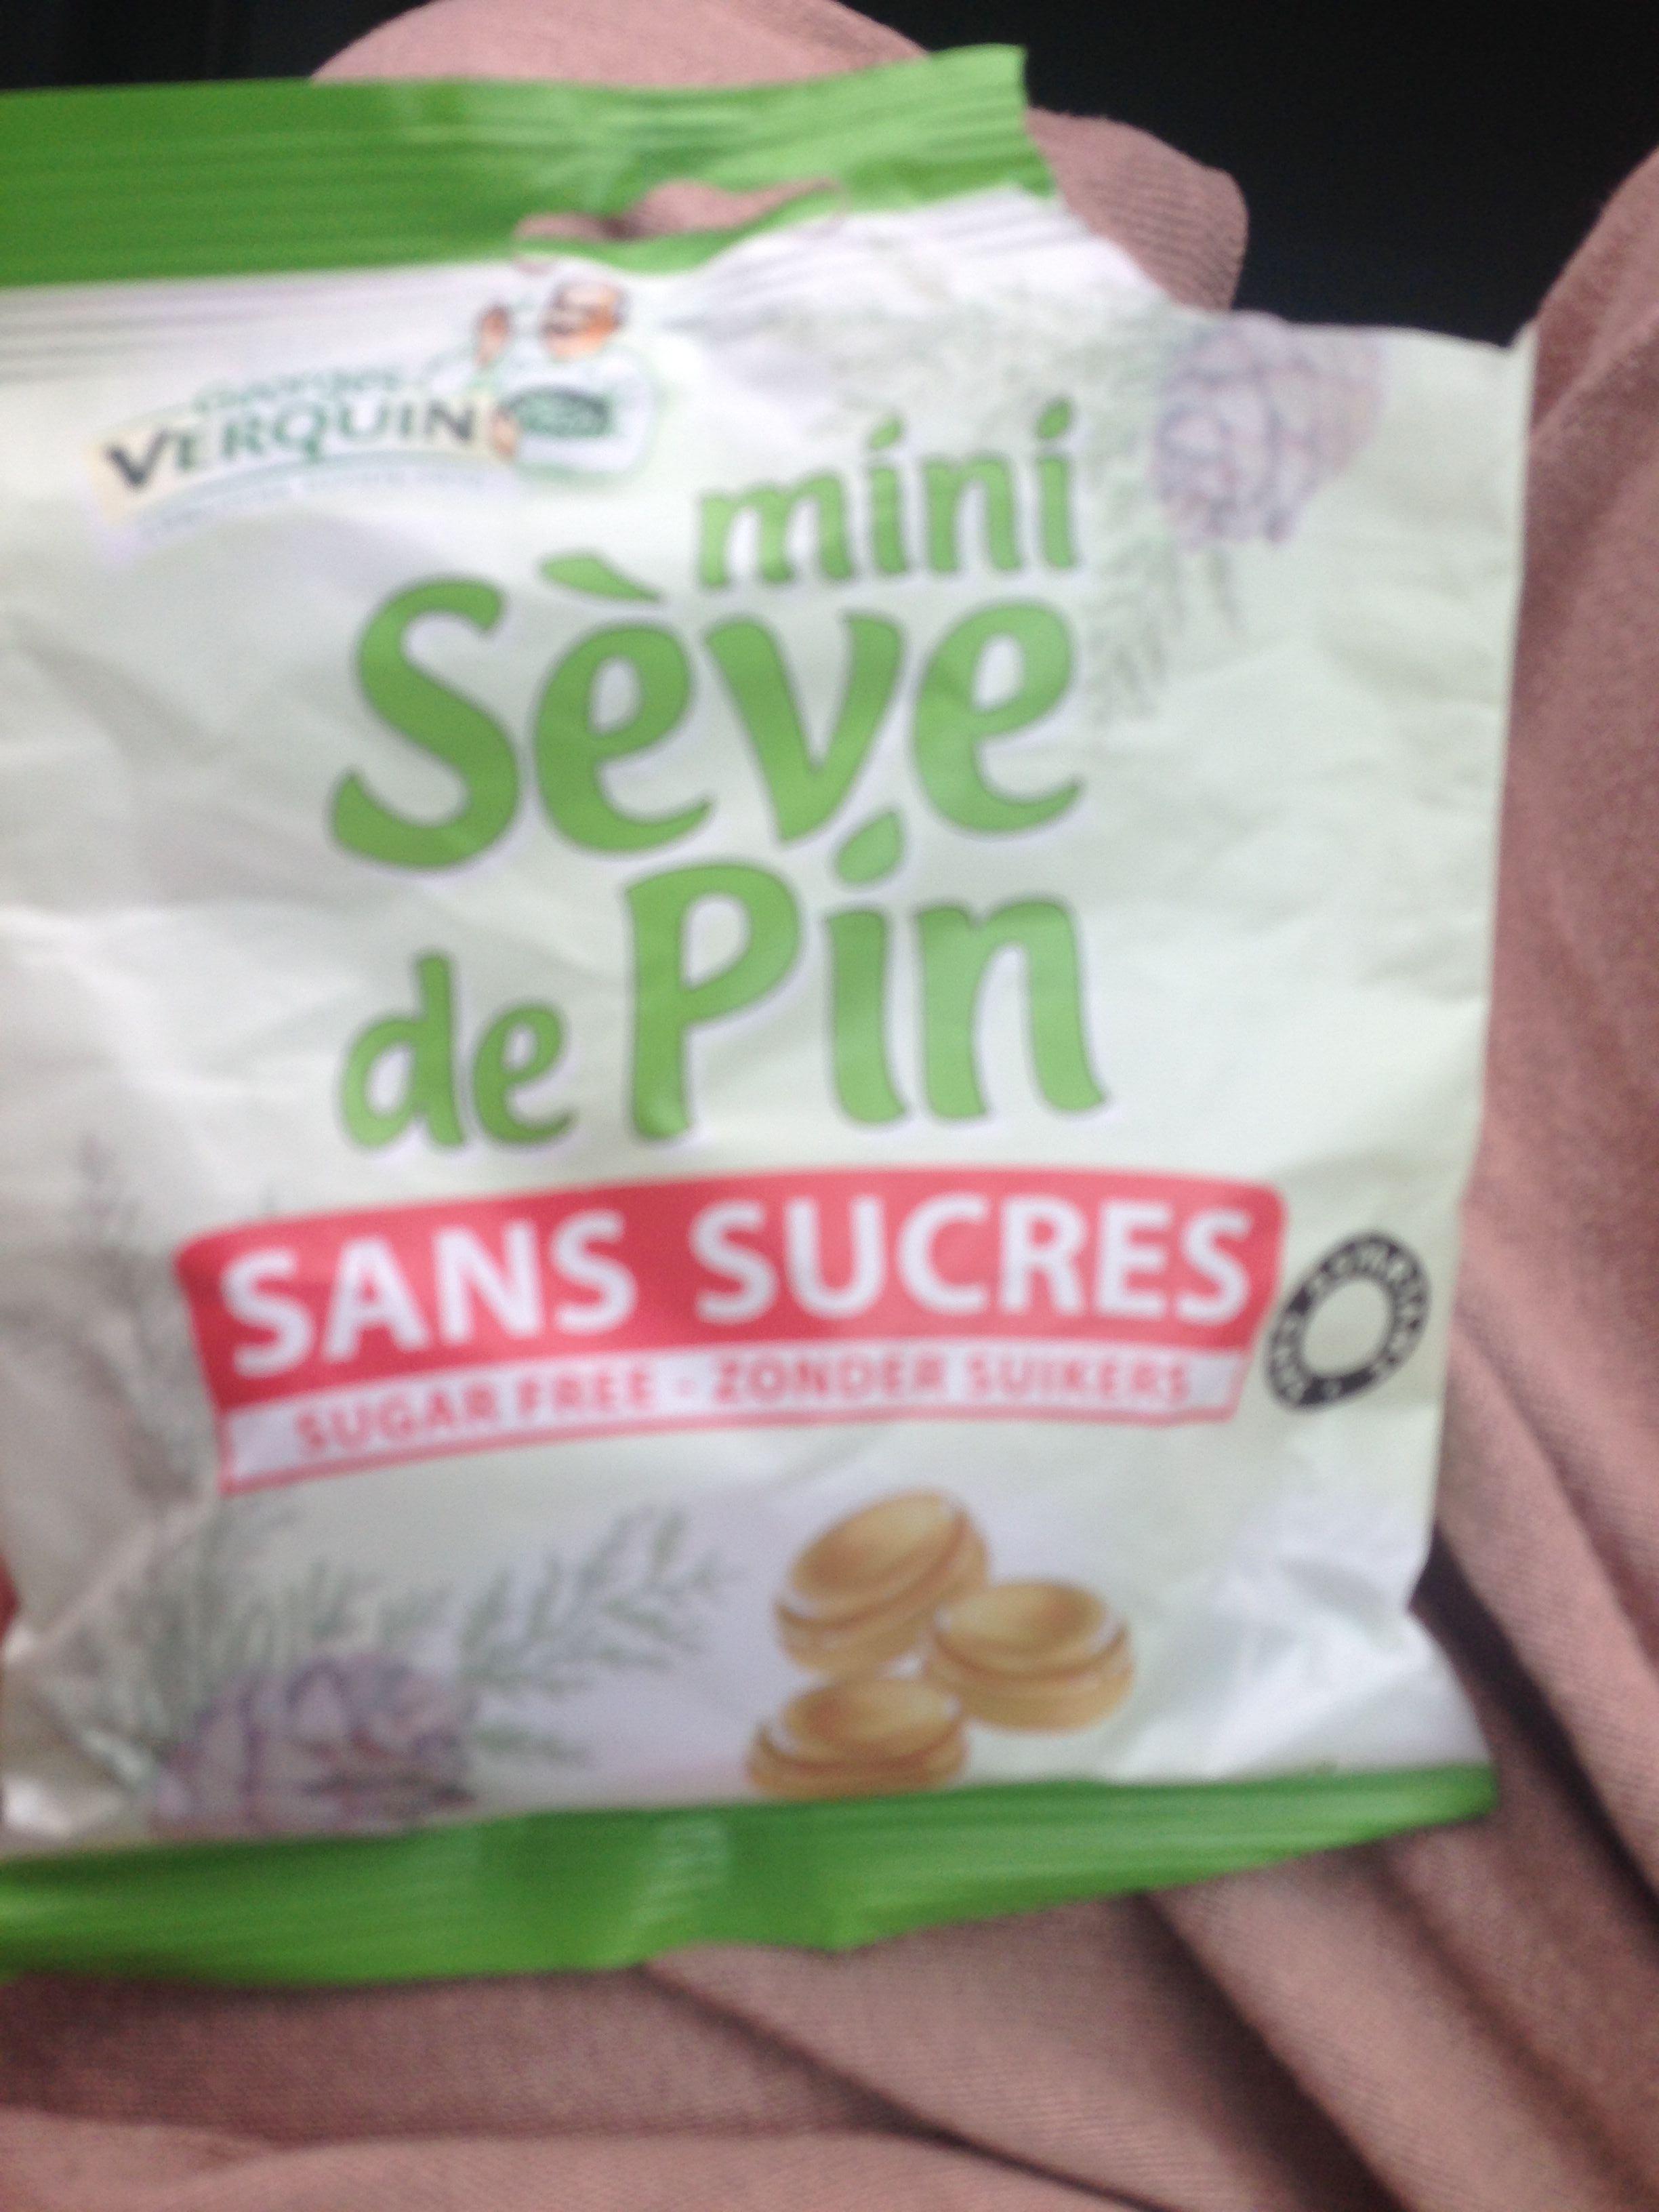 Mini sève de pin sans sucre - Product